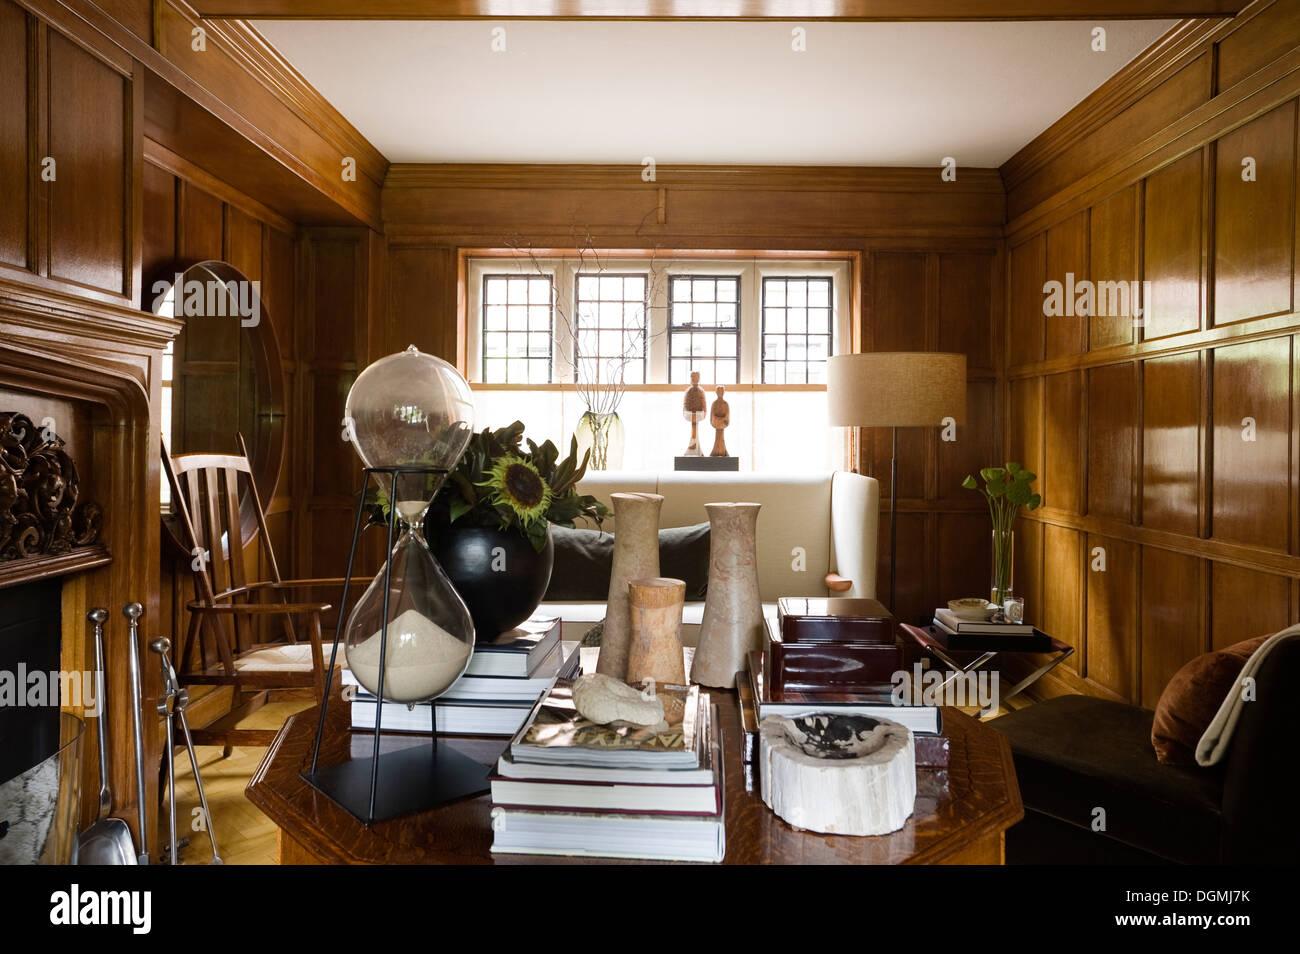 Impresionante panelado de madera original en Arts & Crafts home Imagen De Stock